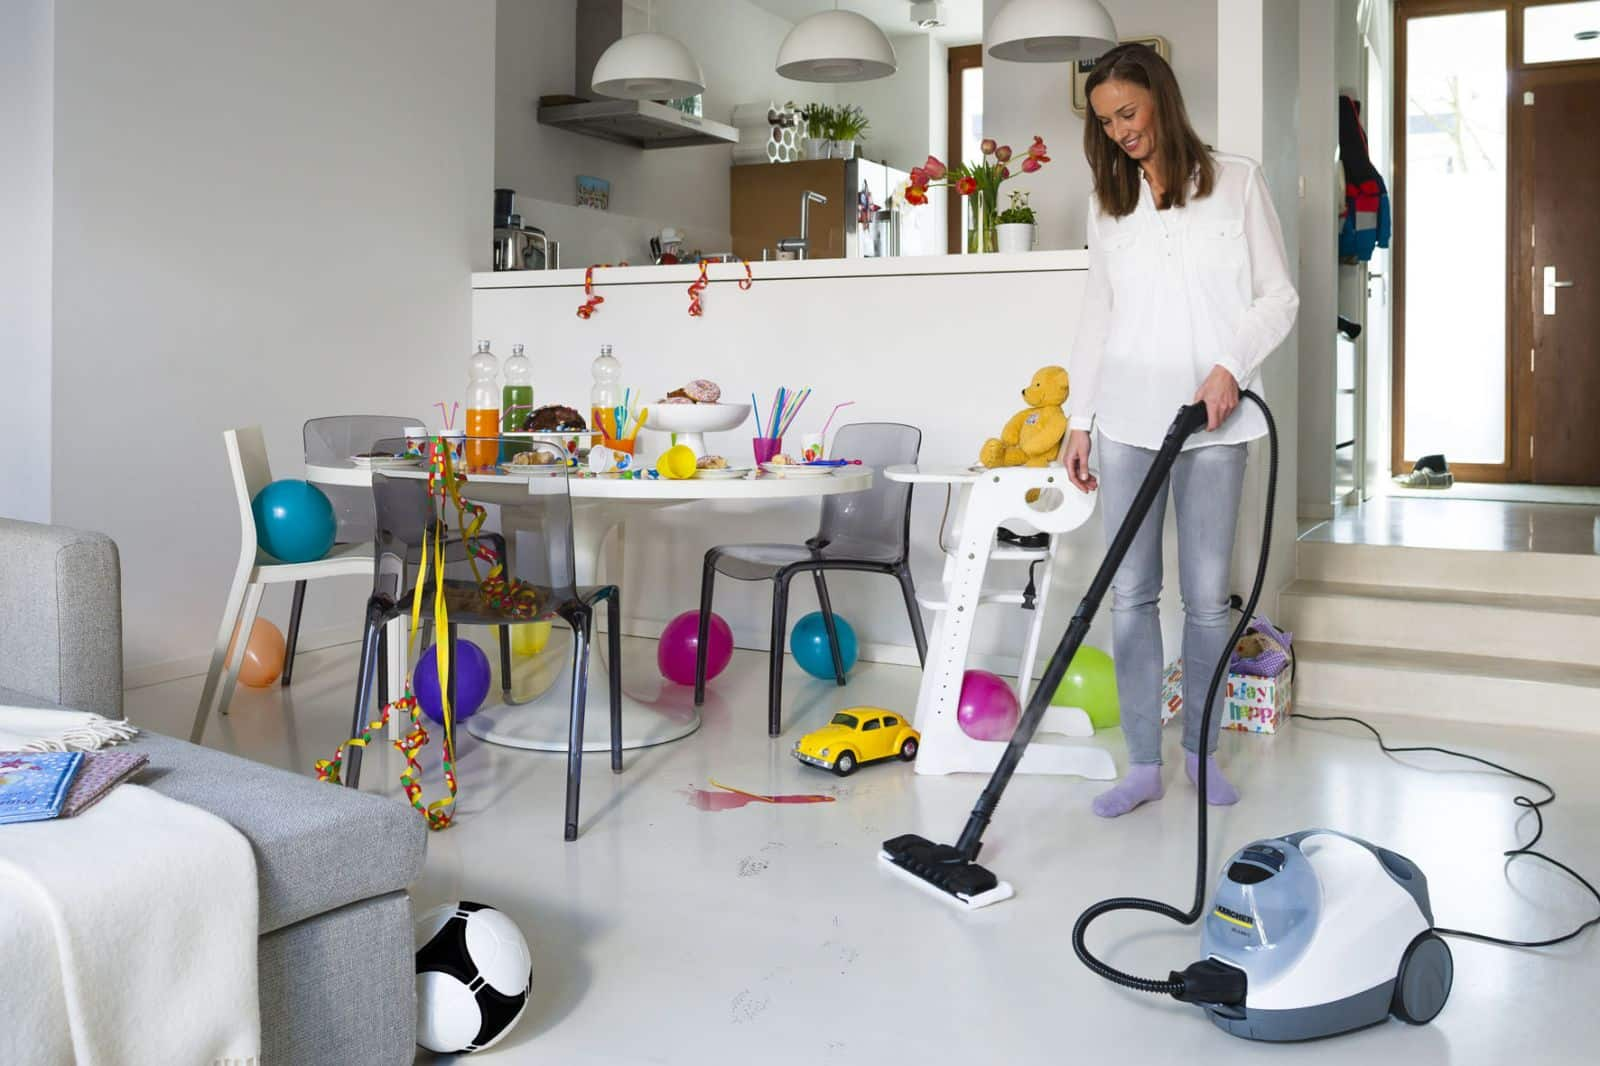 Полезные советы по уборке в доме и квартире: с чего начать, секреты и правила